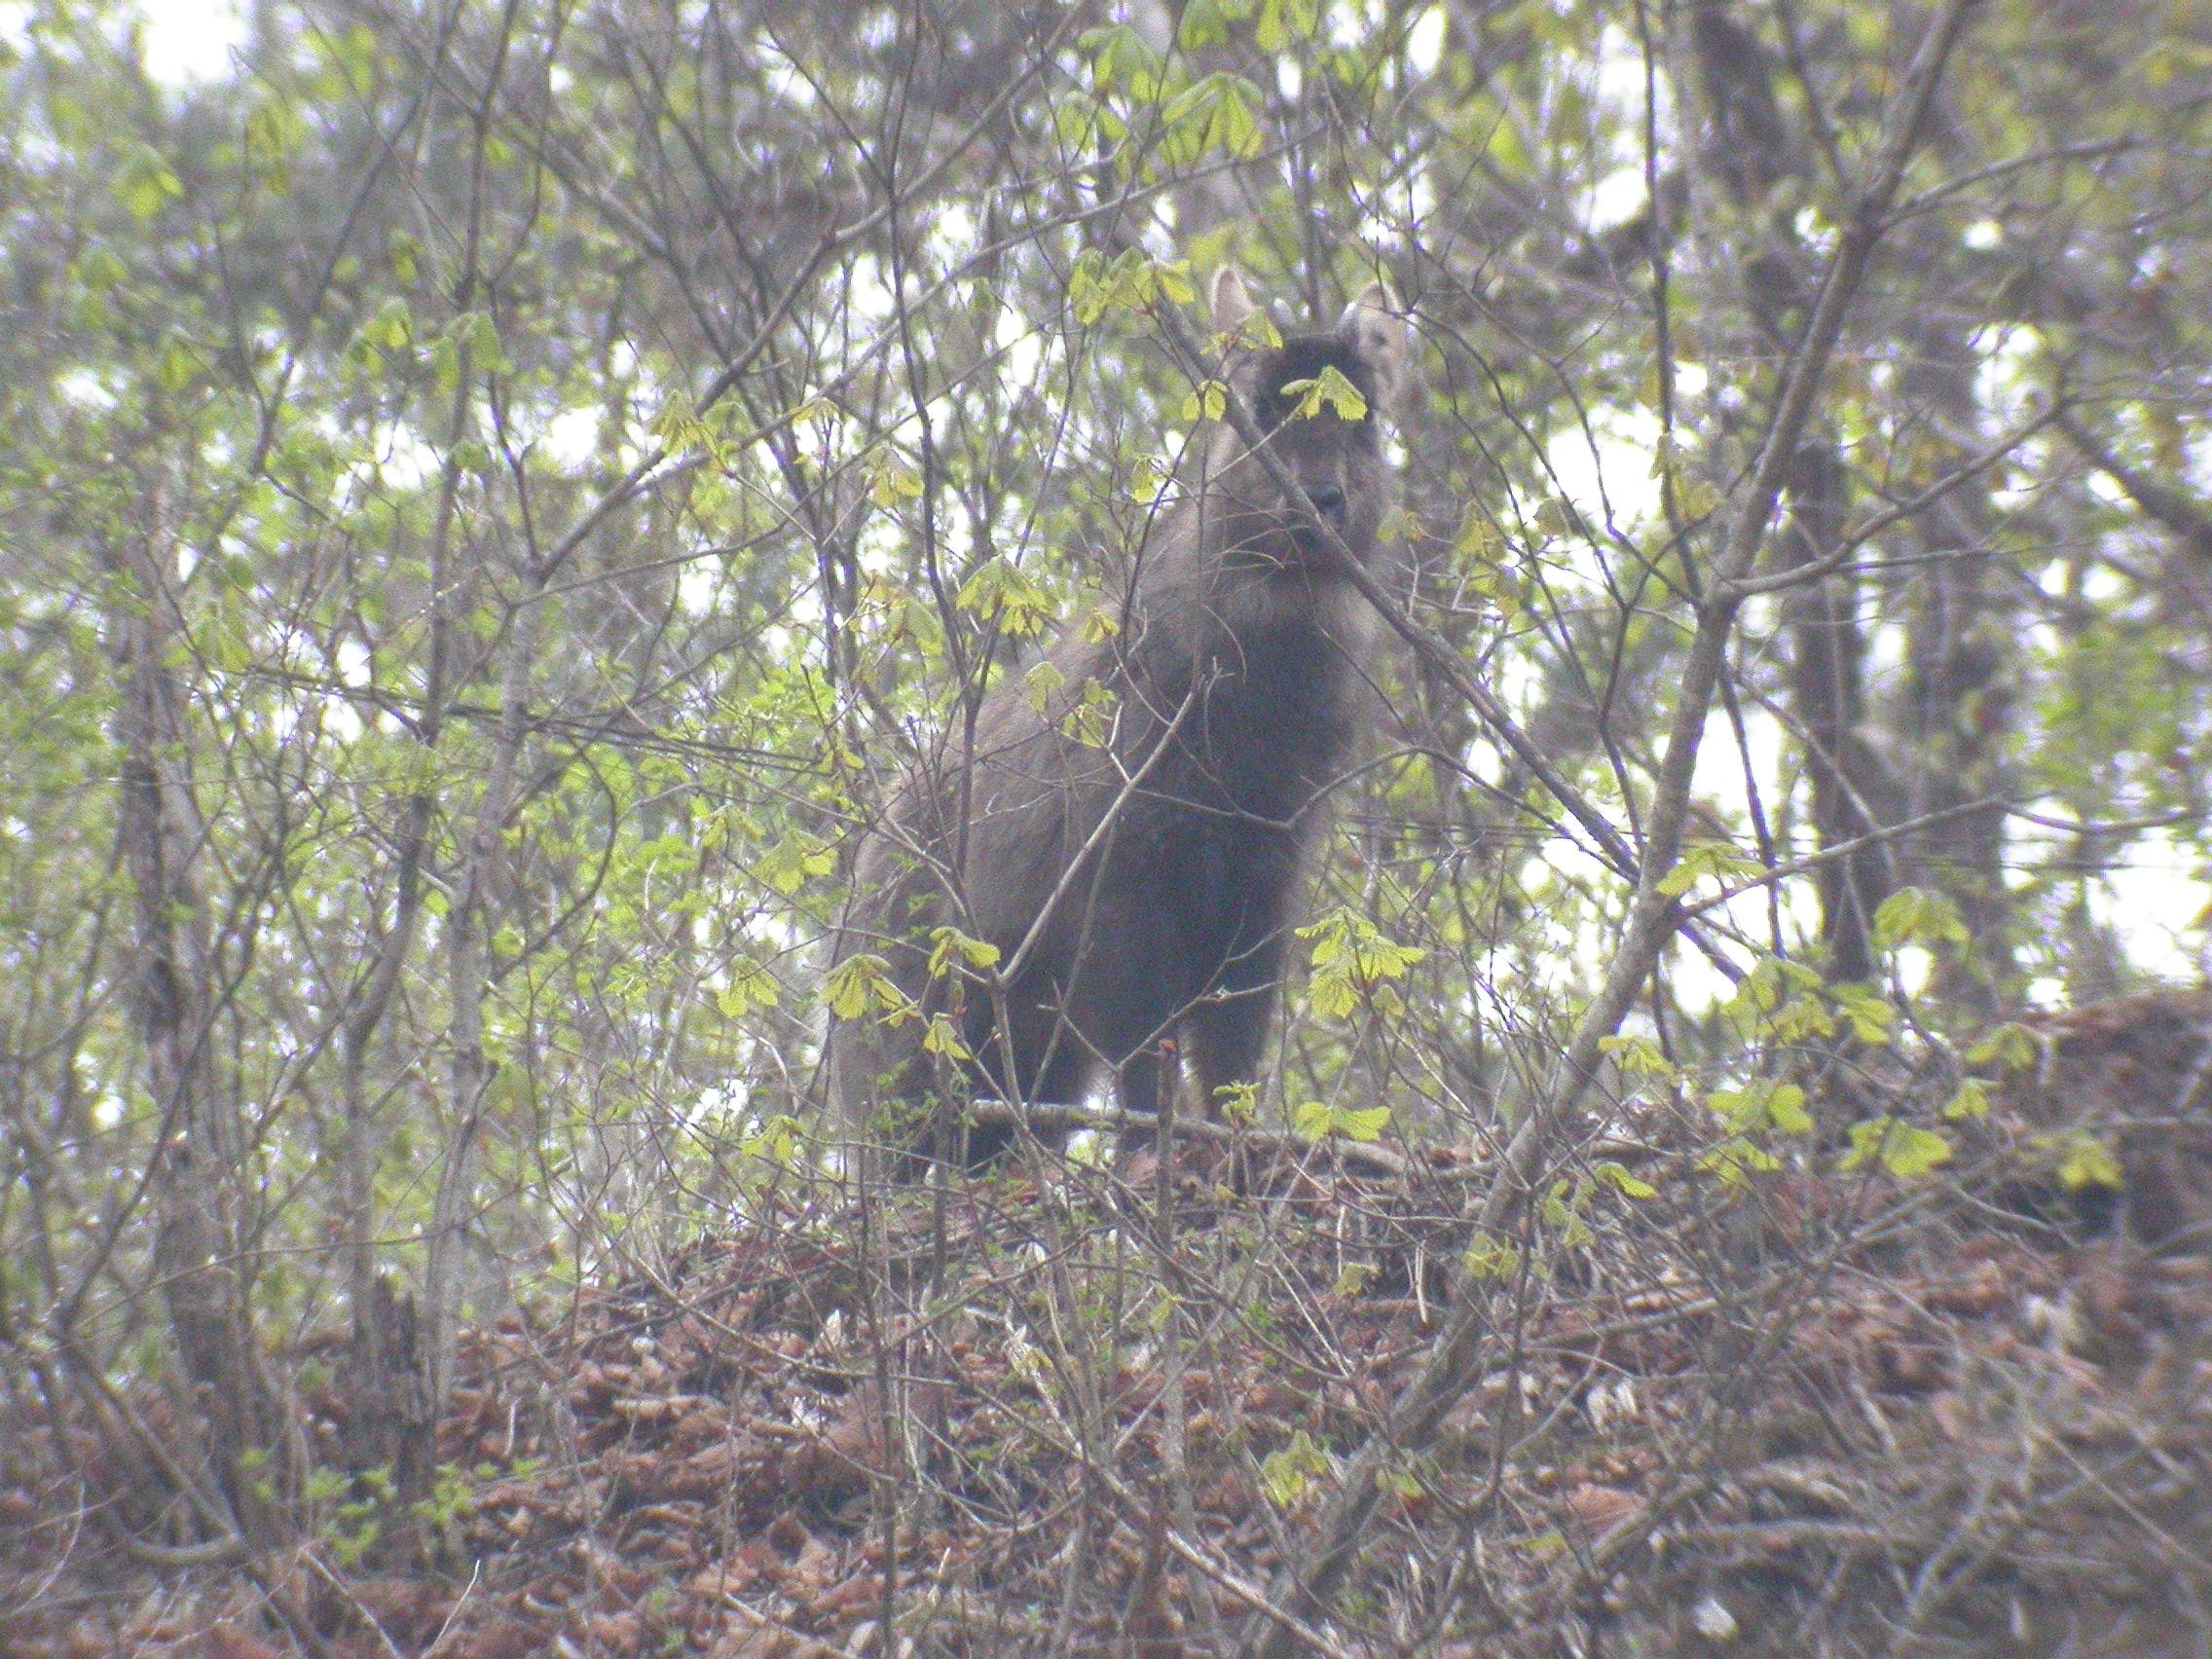 Long-tailed Goral (Naemorhedus caudatus)